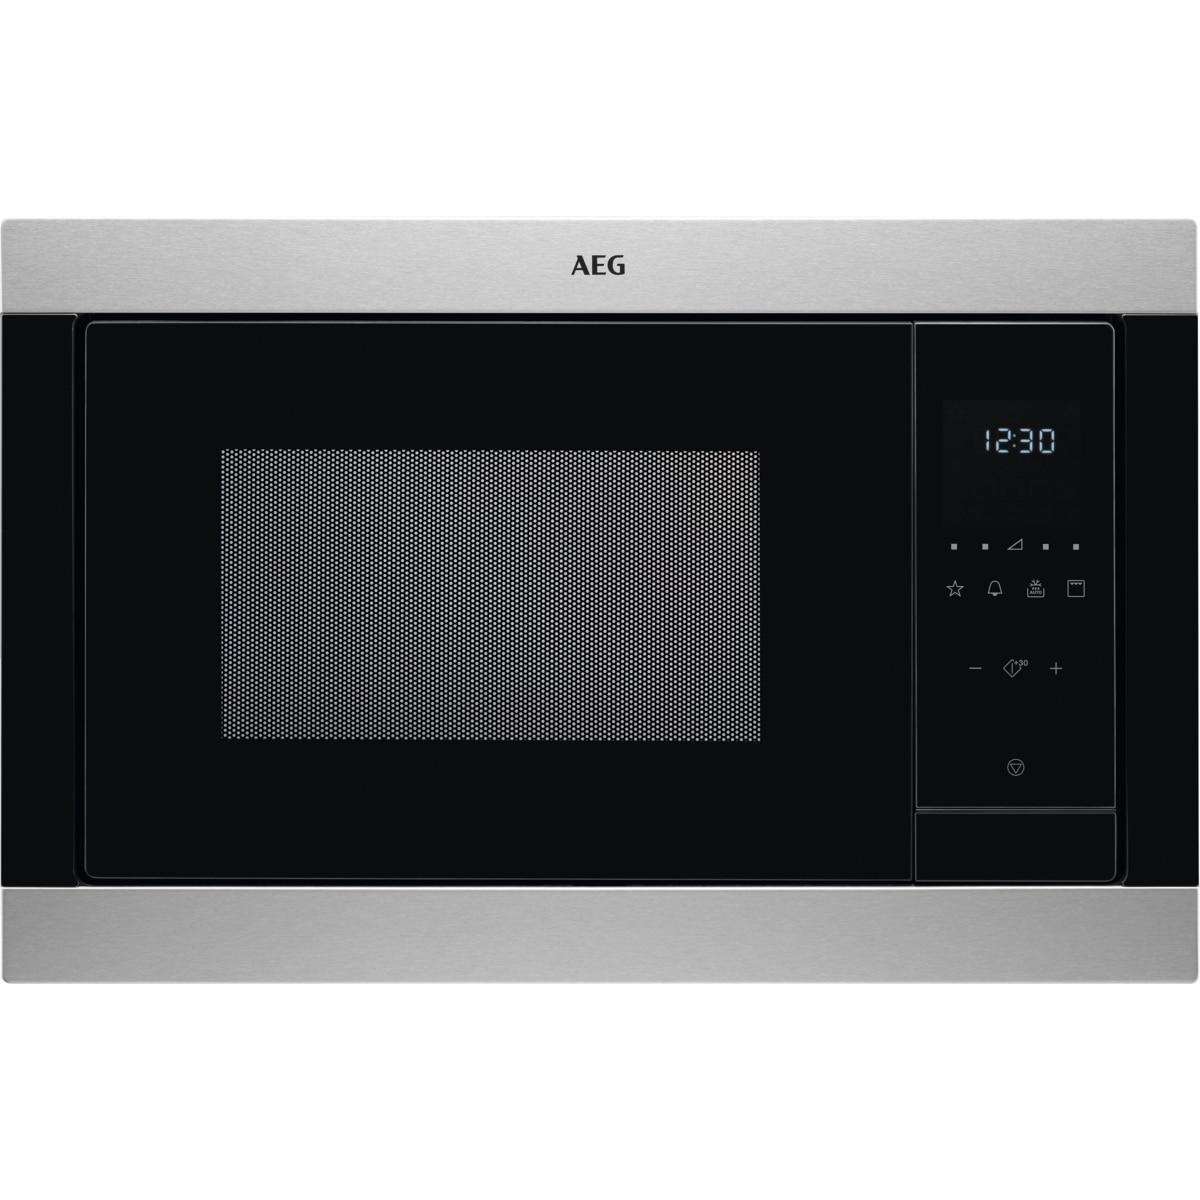 Fotografie Cuptor cu microunde incorporabil AEG MSB2547D-M, 23 l, 900 W, Grill, Timer, Inox antiamprenta